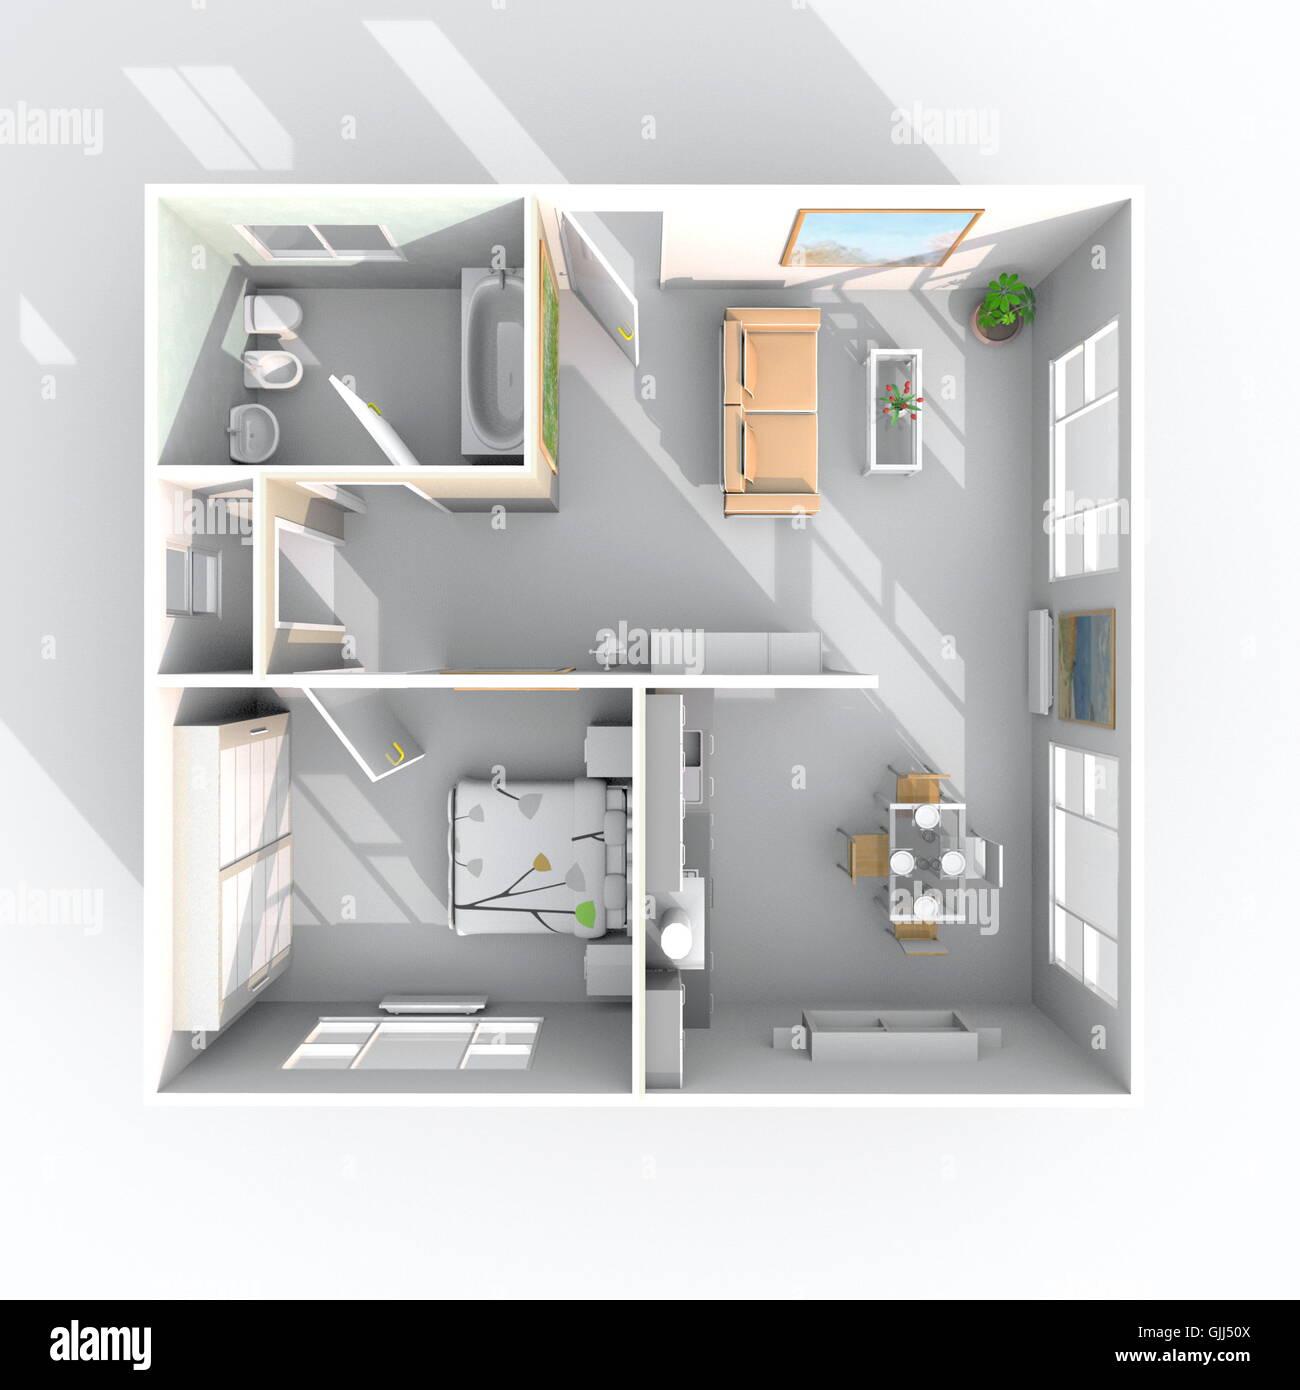 Tolle Haus Design Draufsicht Ideen - Images for inspirierende Ideen ...